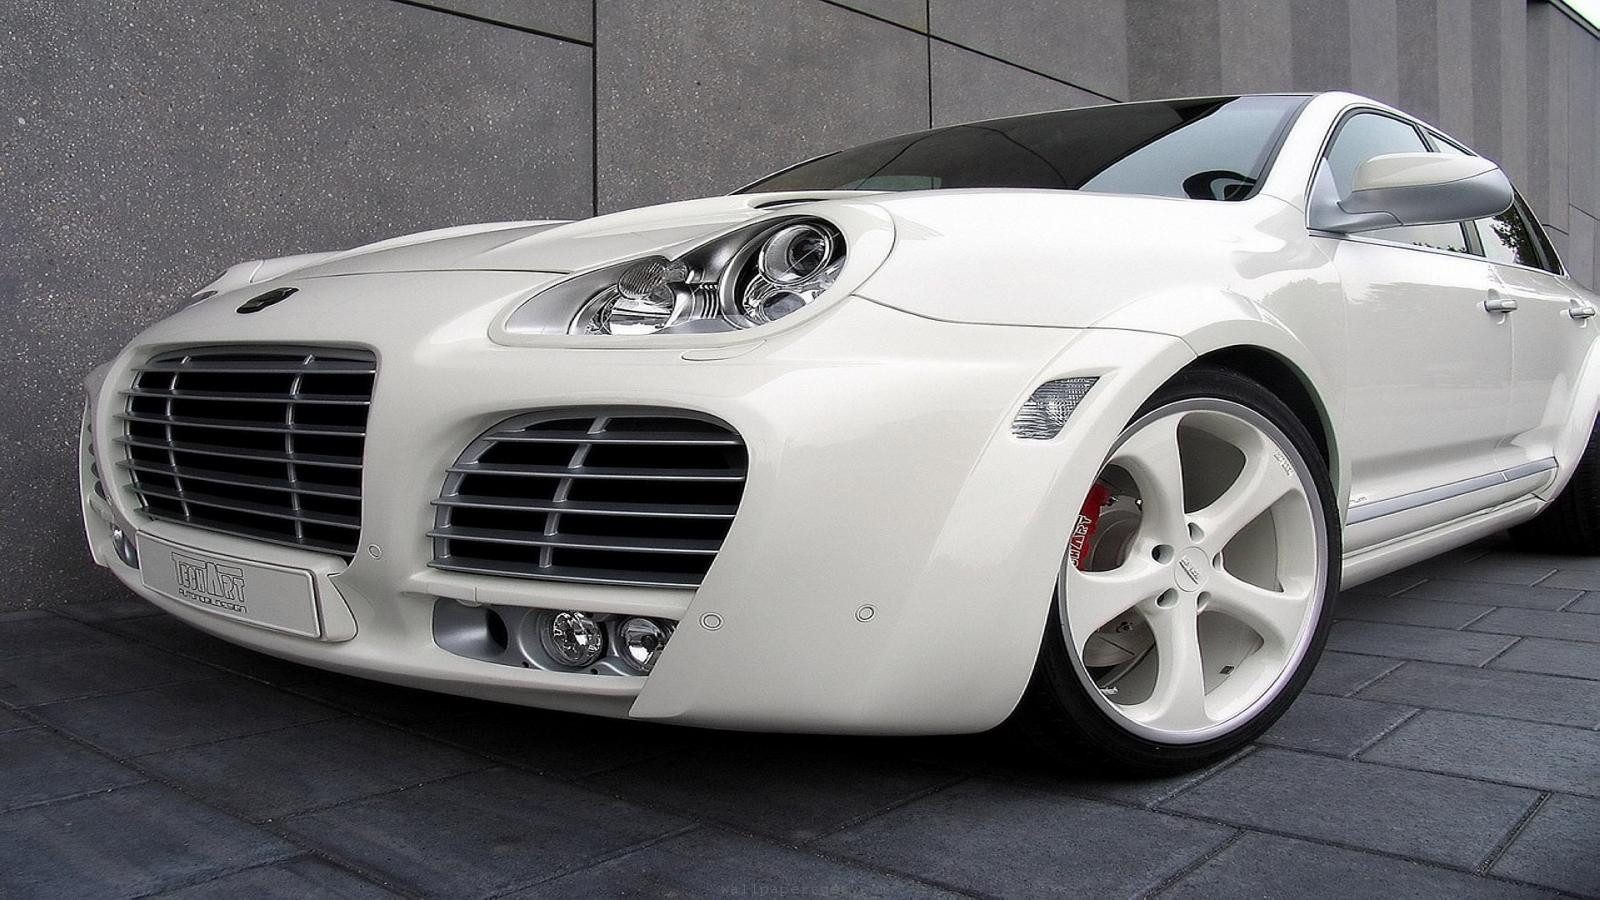 Car Screensavers And Wallpaper: Porsche Screensavers And Wallpaper